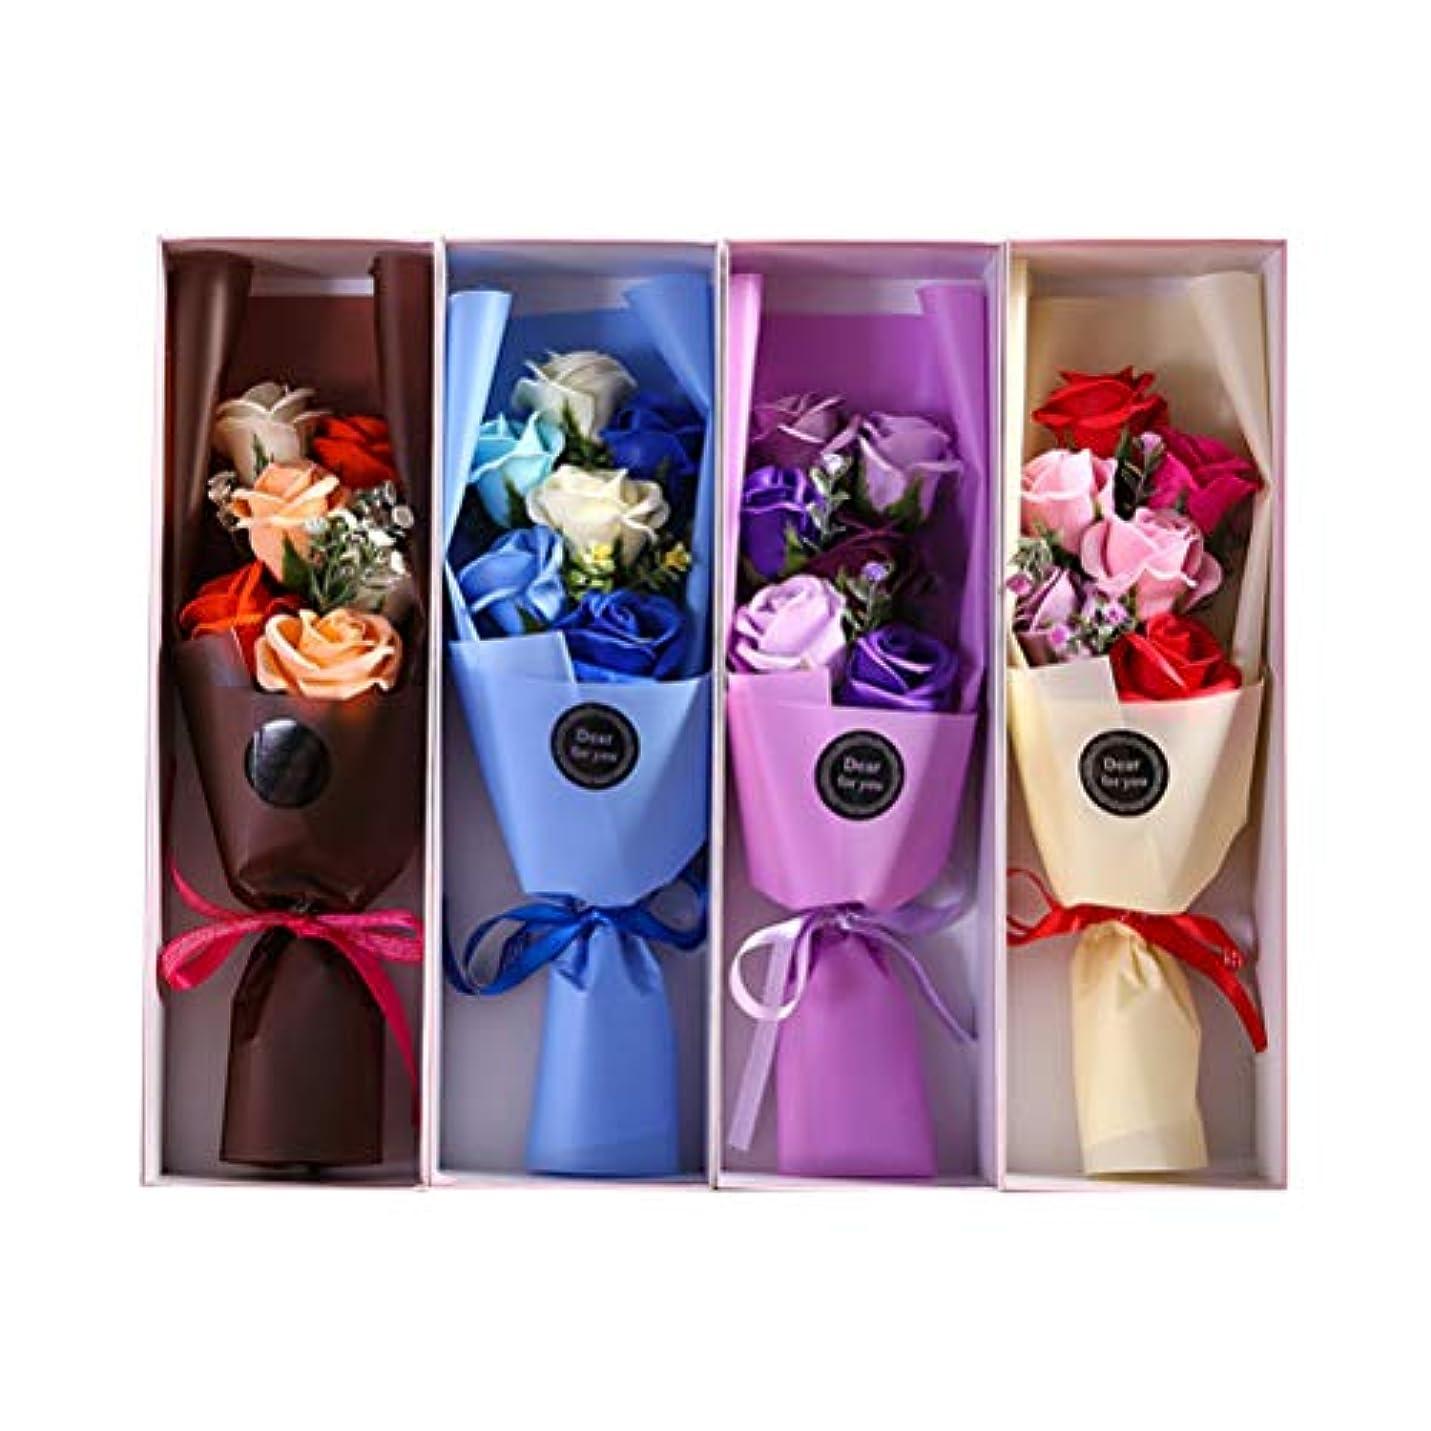 社会主義者王族鉱石BESTOYARD 6PCS石鹸の花びら人工石鹸の花のバラのギフトボックスカップルバレンタインデーのプレゼント(ランダムカラー)